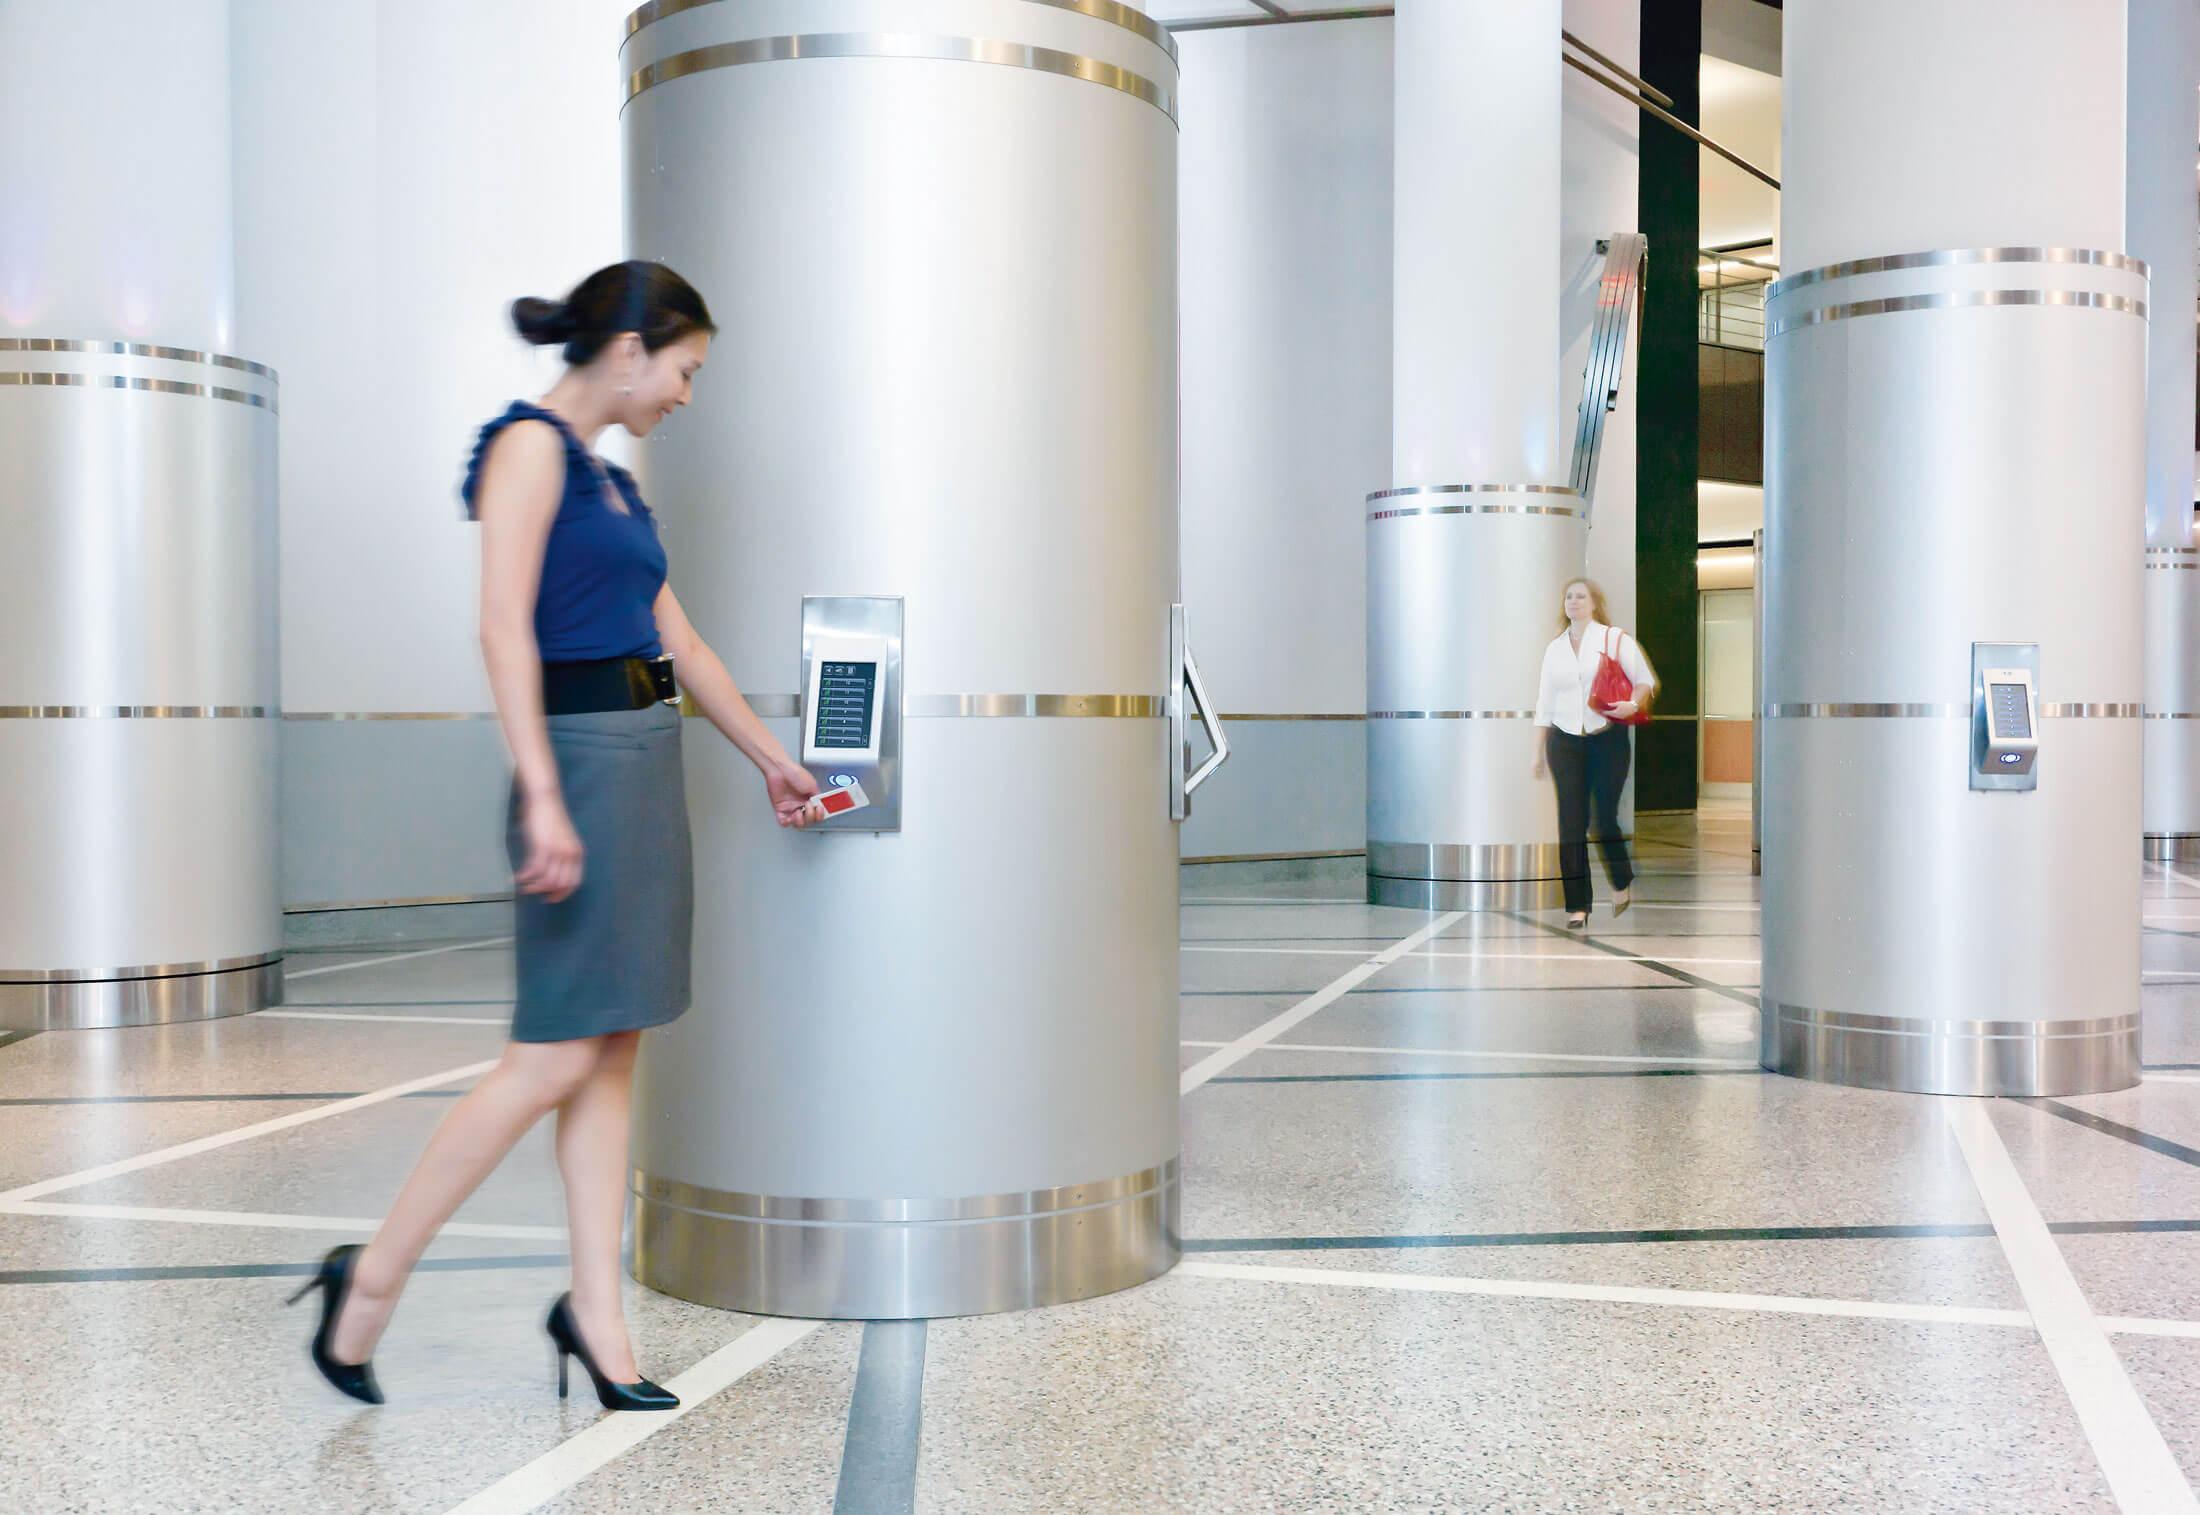 سیستم مدیریت آسانسور شیندلر